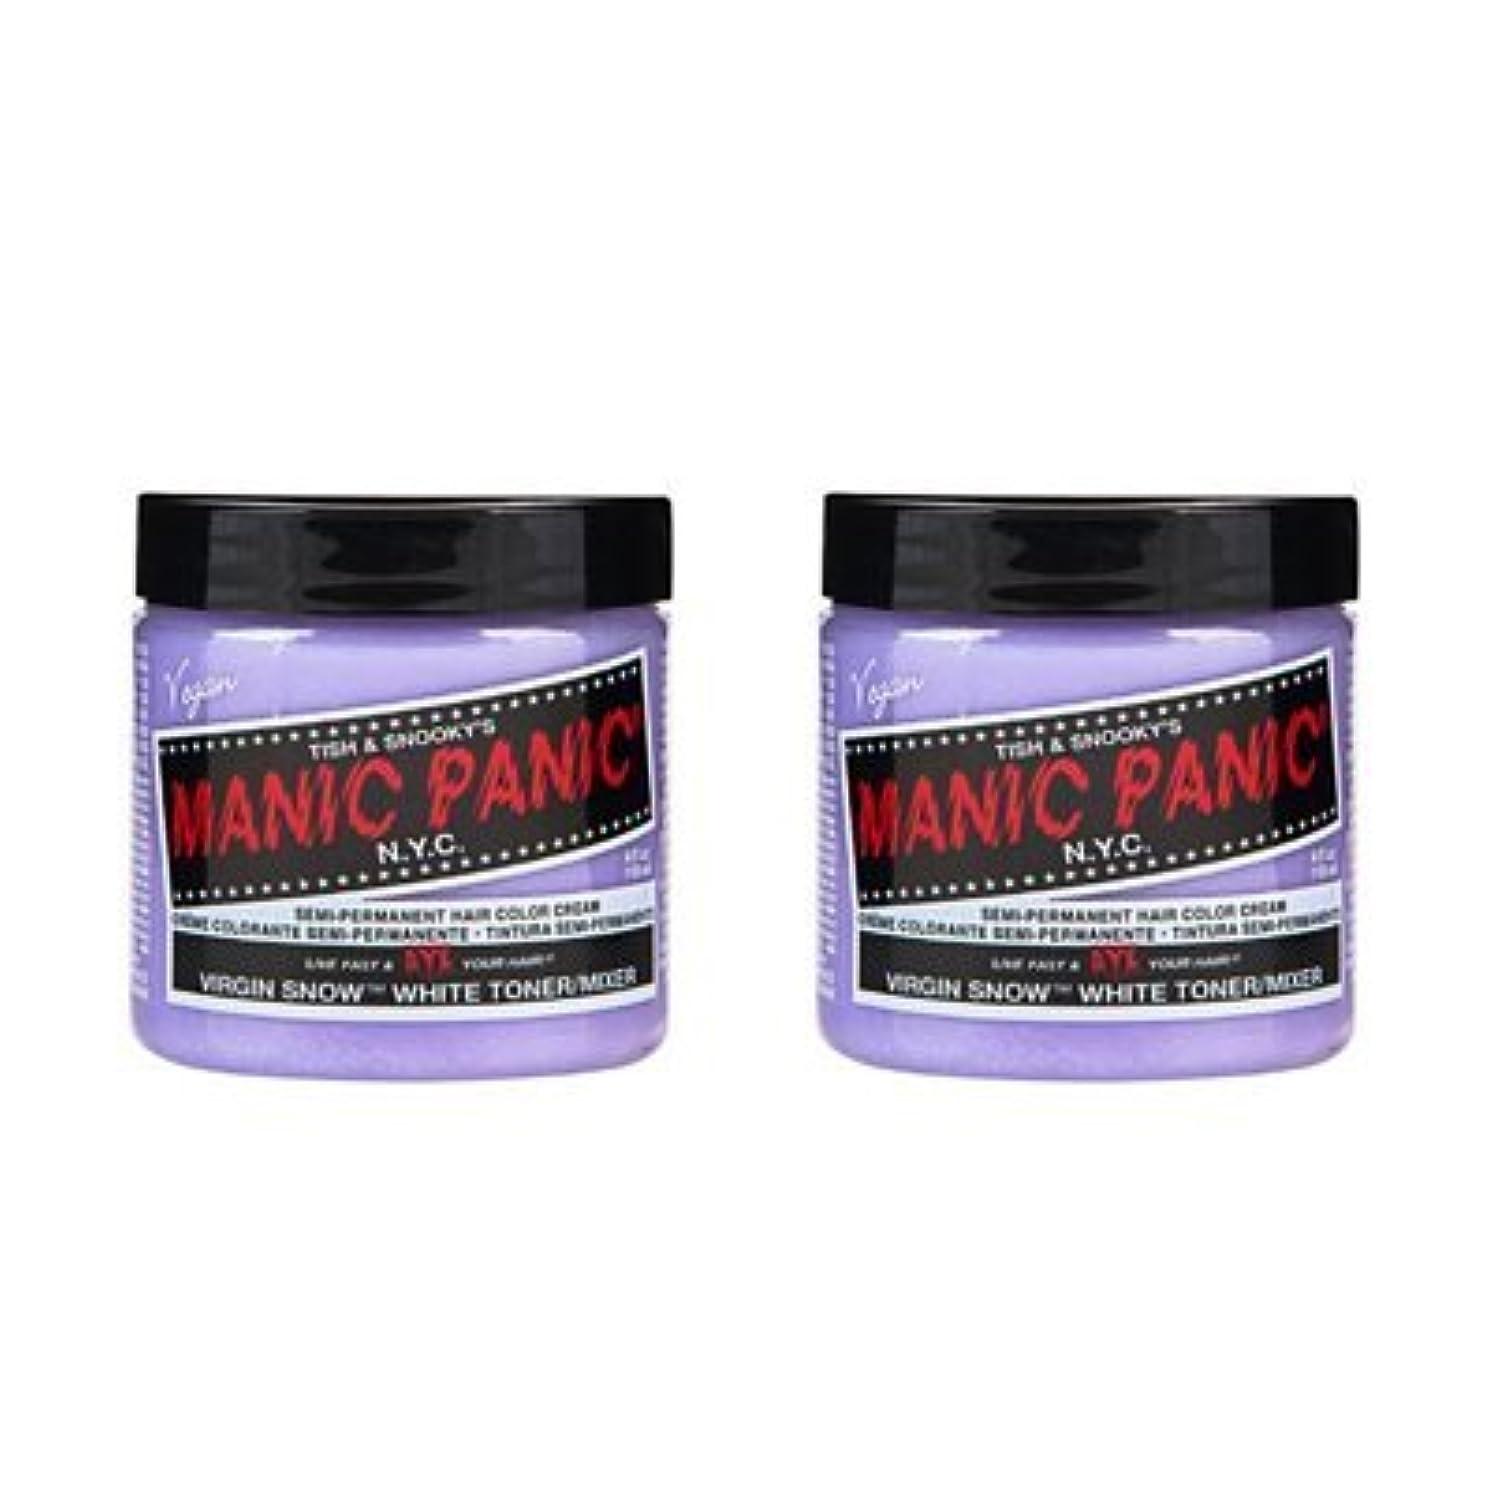 アセ貫入急勾配の【2個セット】MANIC PANIC マニックパニック Virgin Snow (ヴァージン?スノー) 118ml